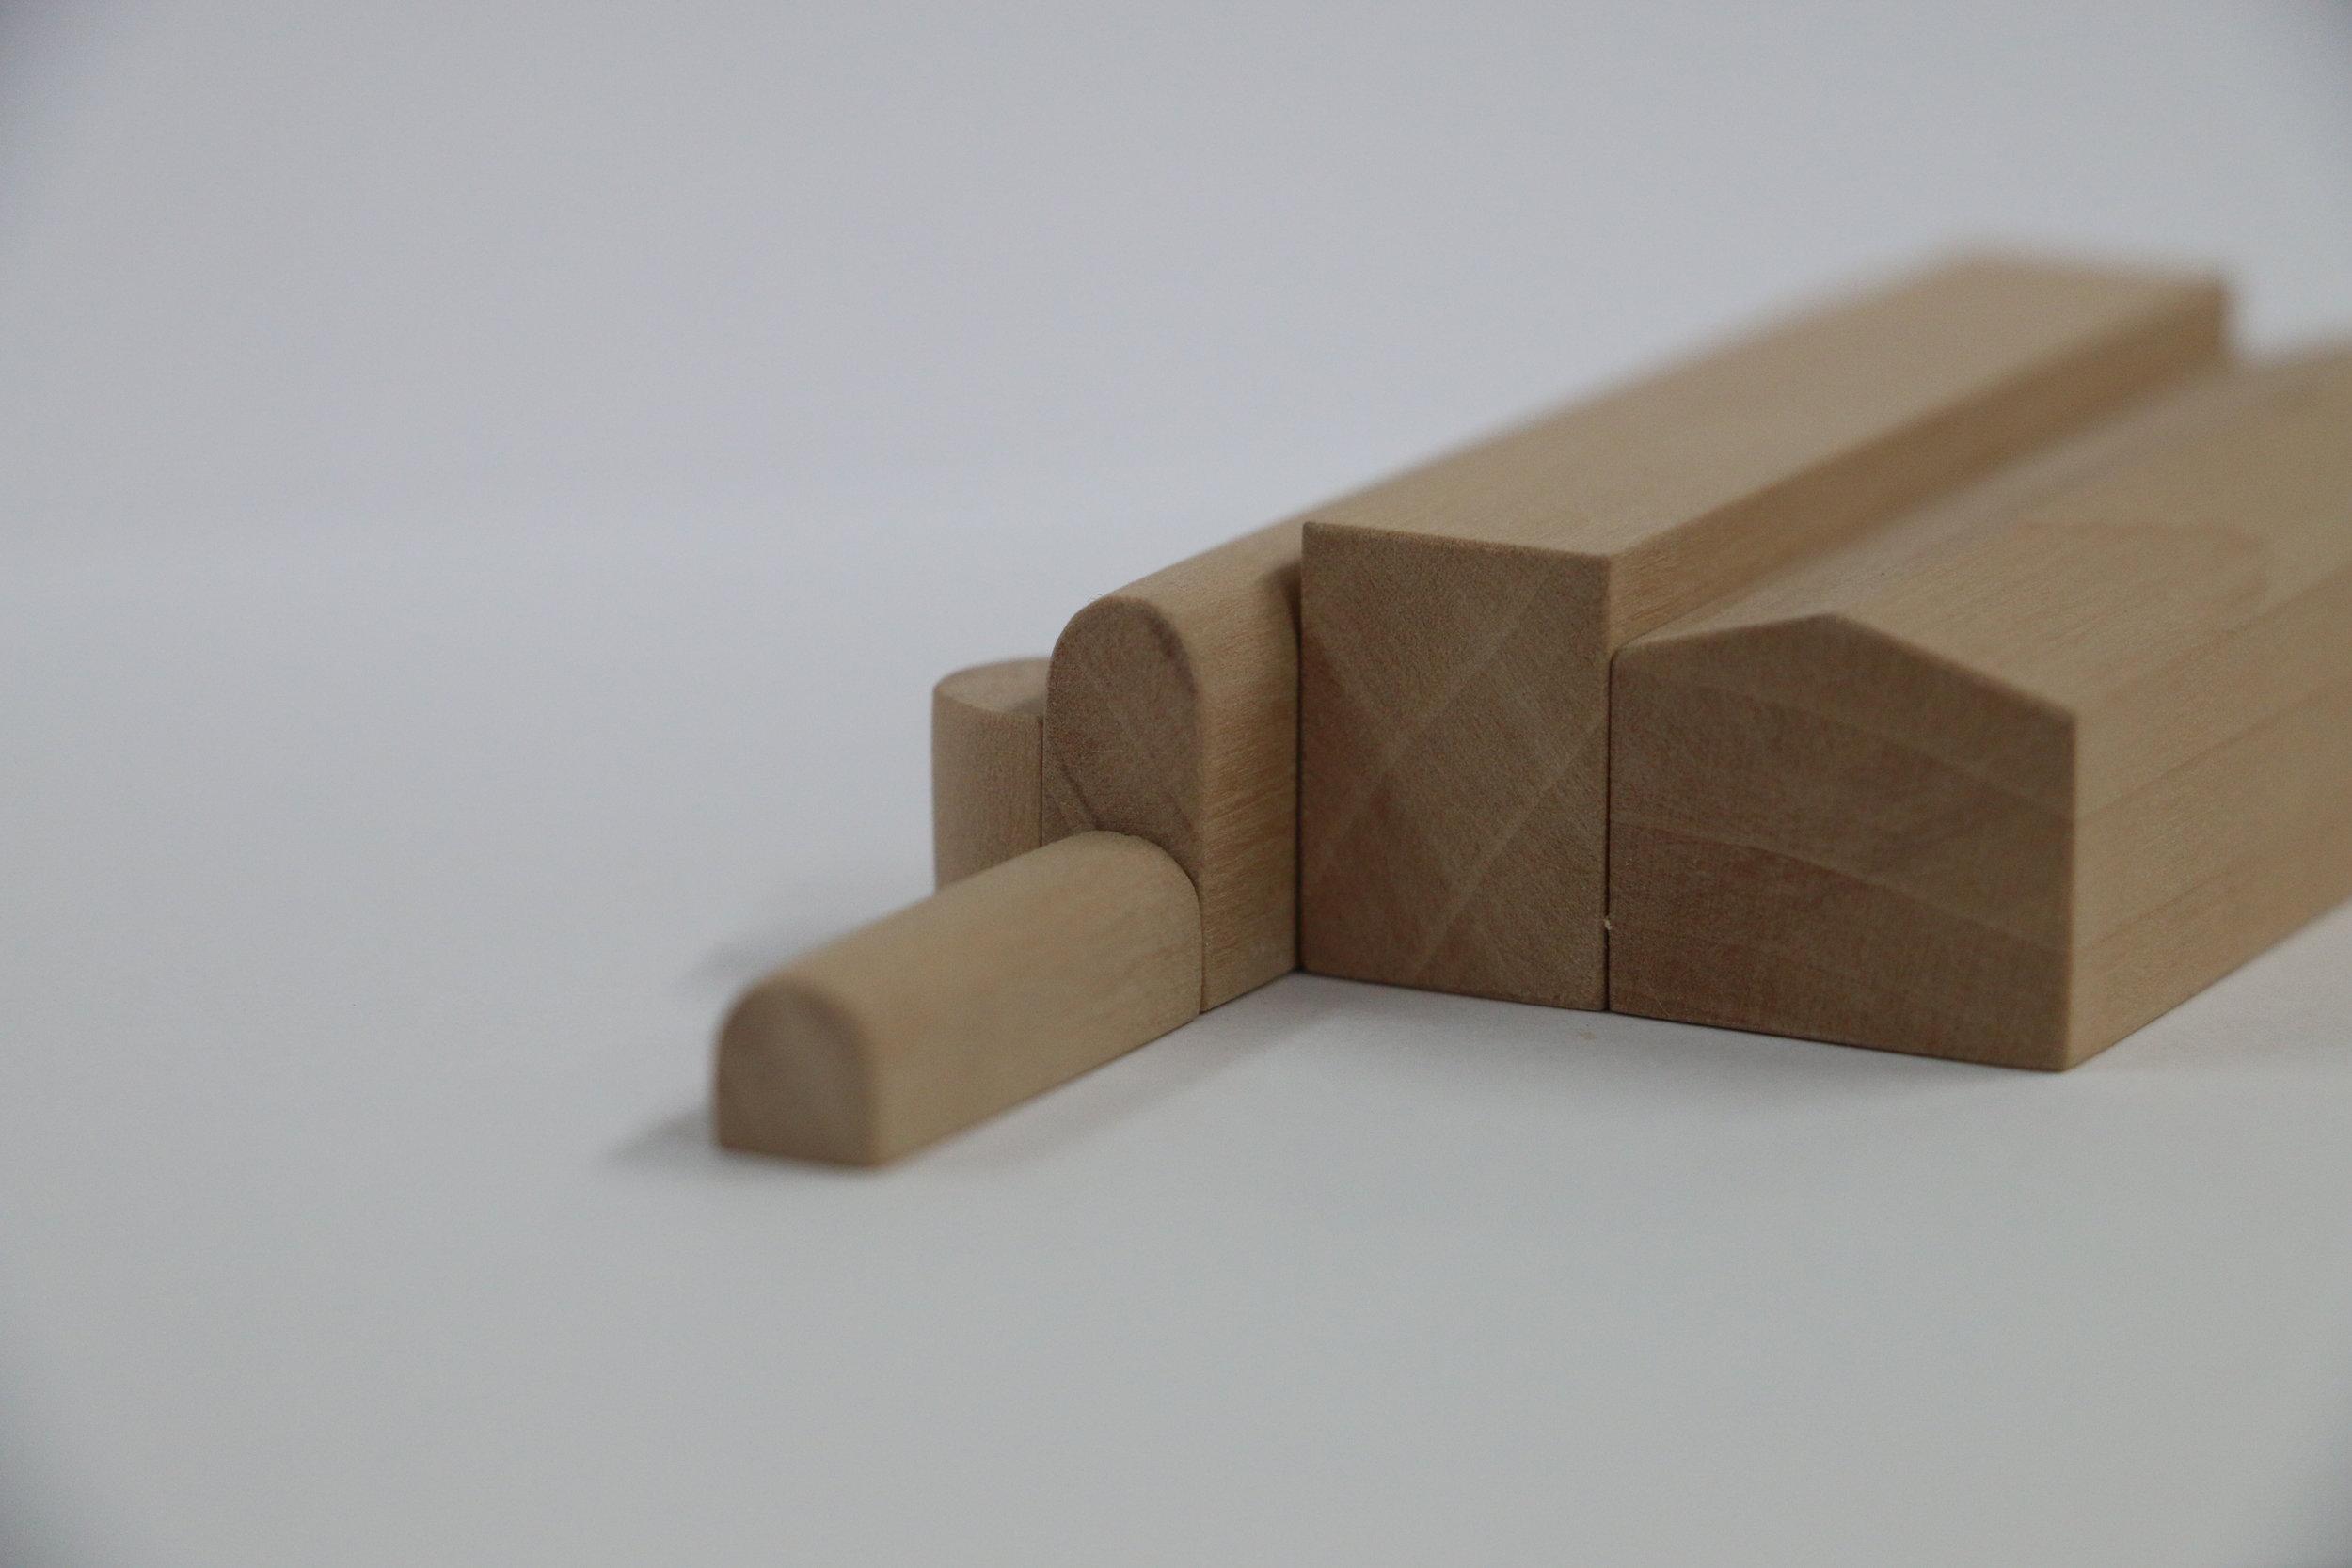 Modell Häuschen - Birnbaum